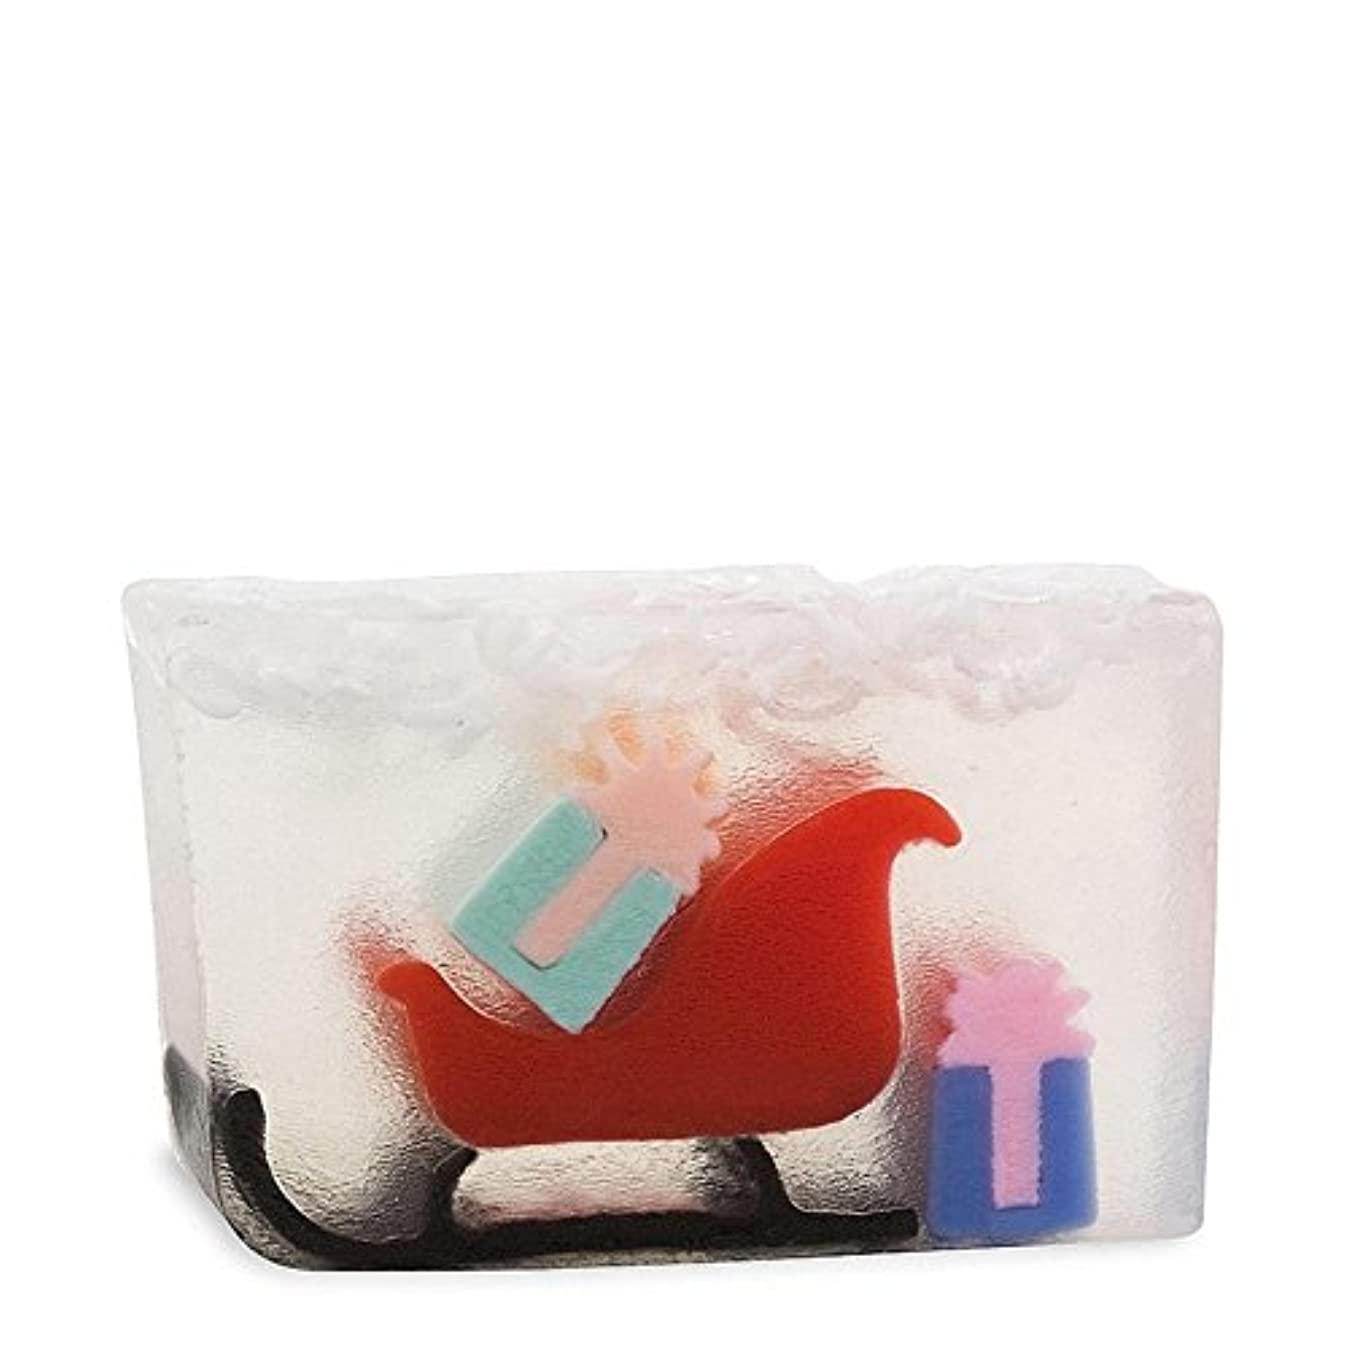 施しオープニング立ち寄るPrimal Elements Santas Sleigh (Pack of 6) - 原始要素のサンタのそり x6 [並行輸入品]